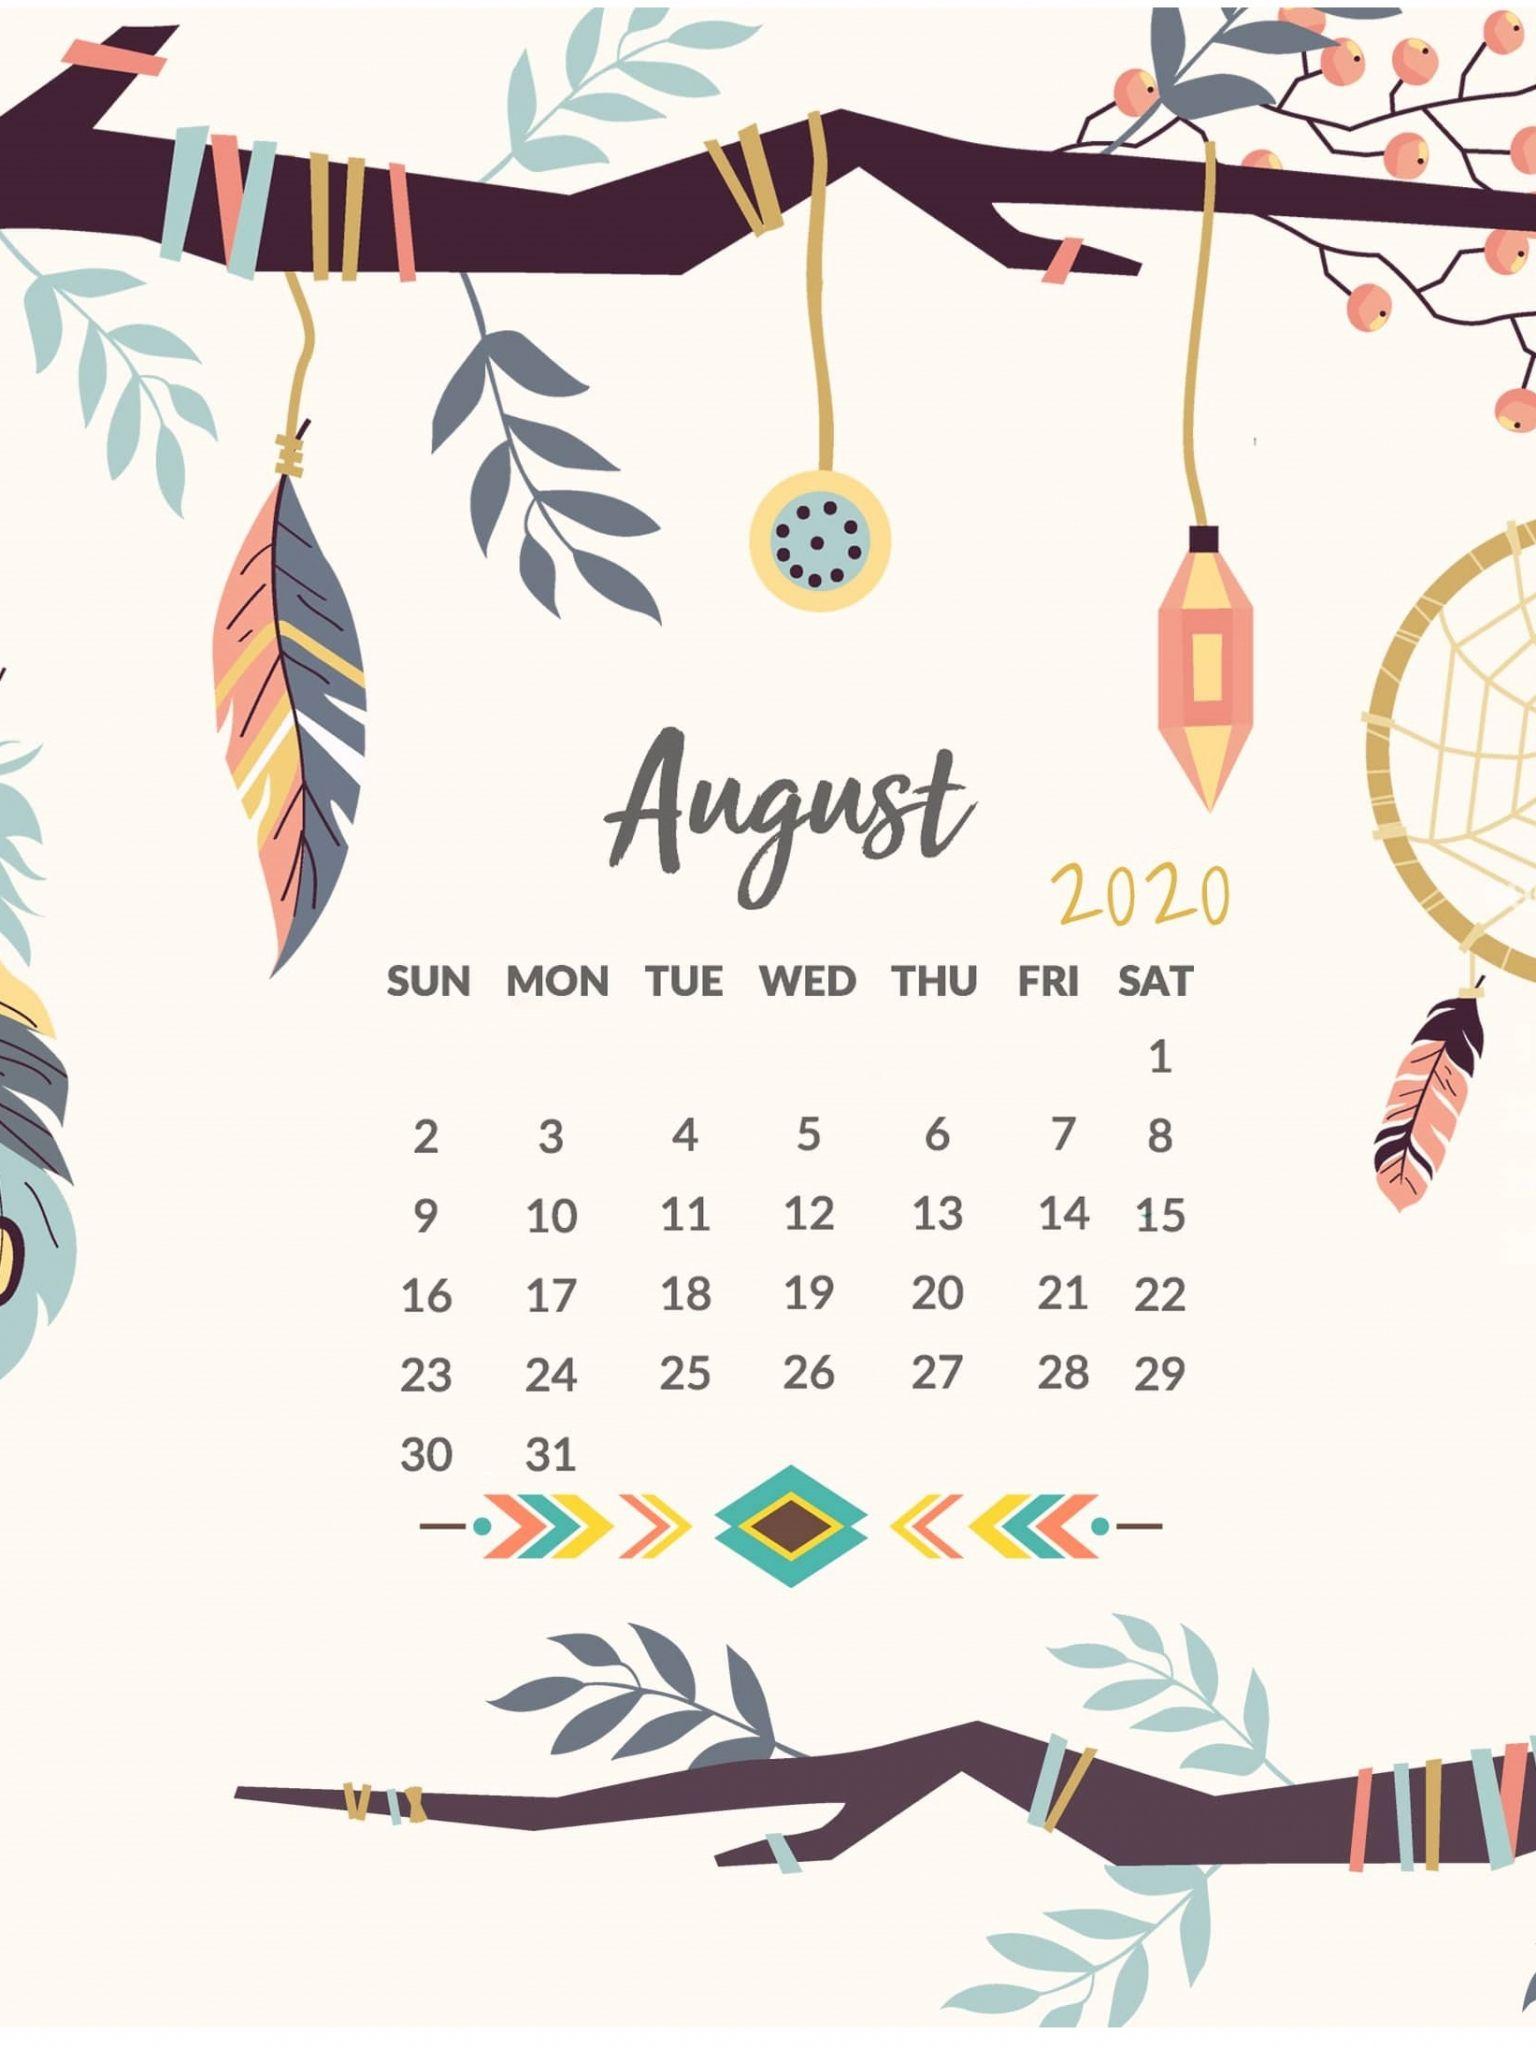 August 2020 Calendar Wallpaper for iPhone Calendar wallpaper 1536x2048